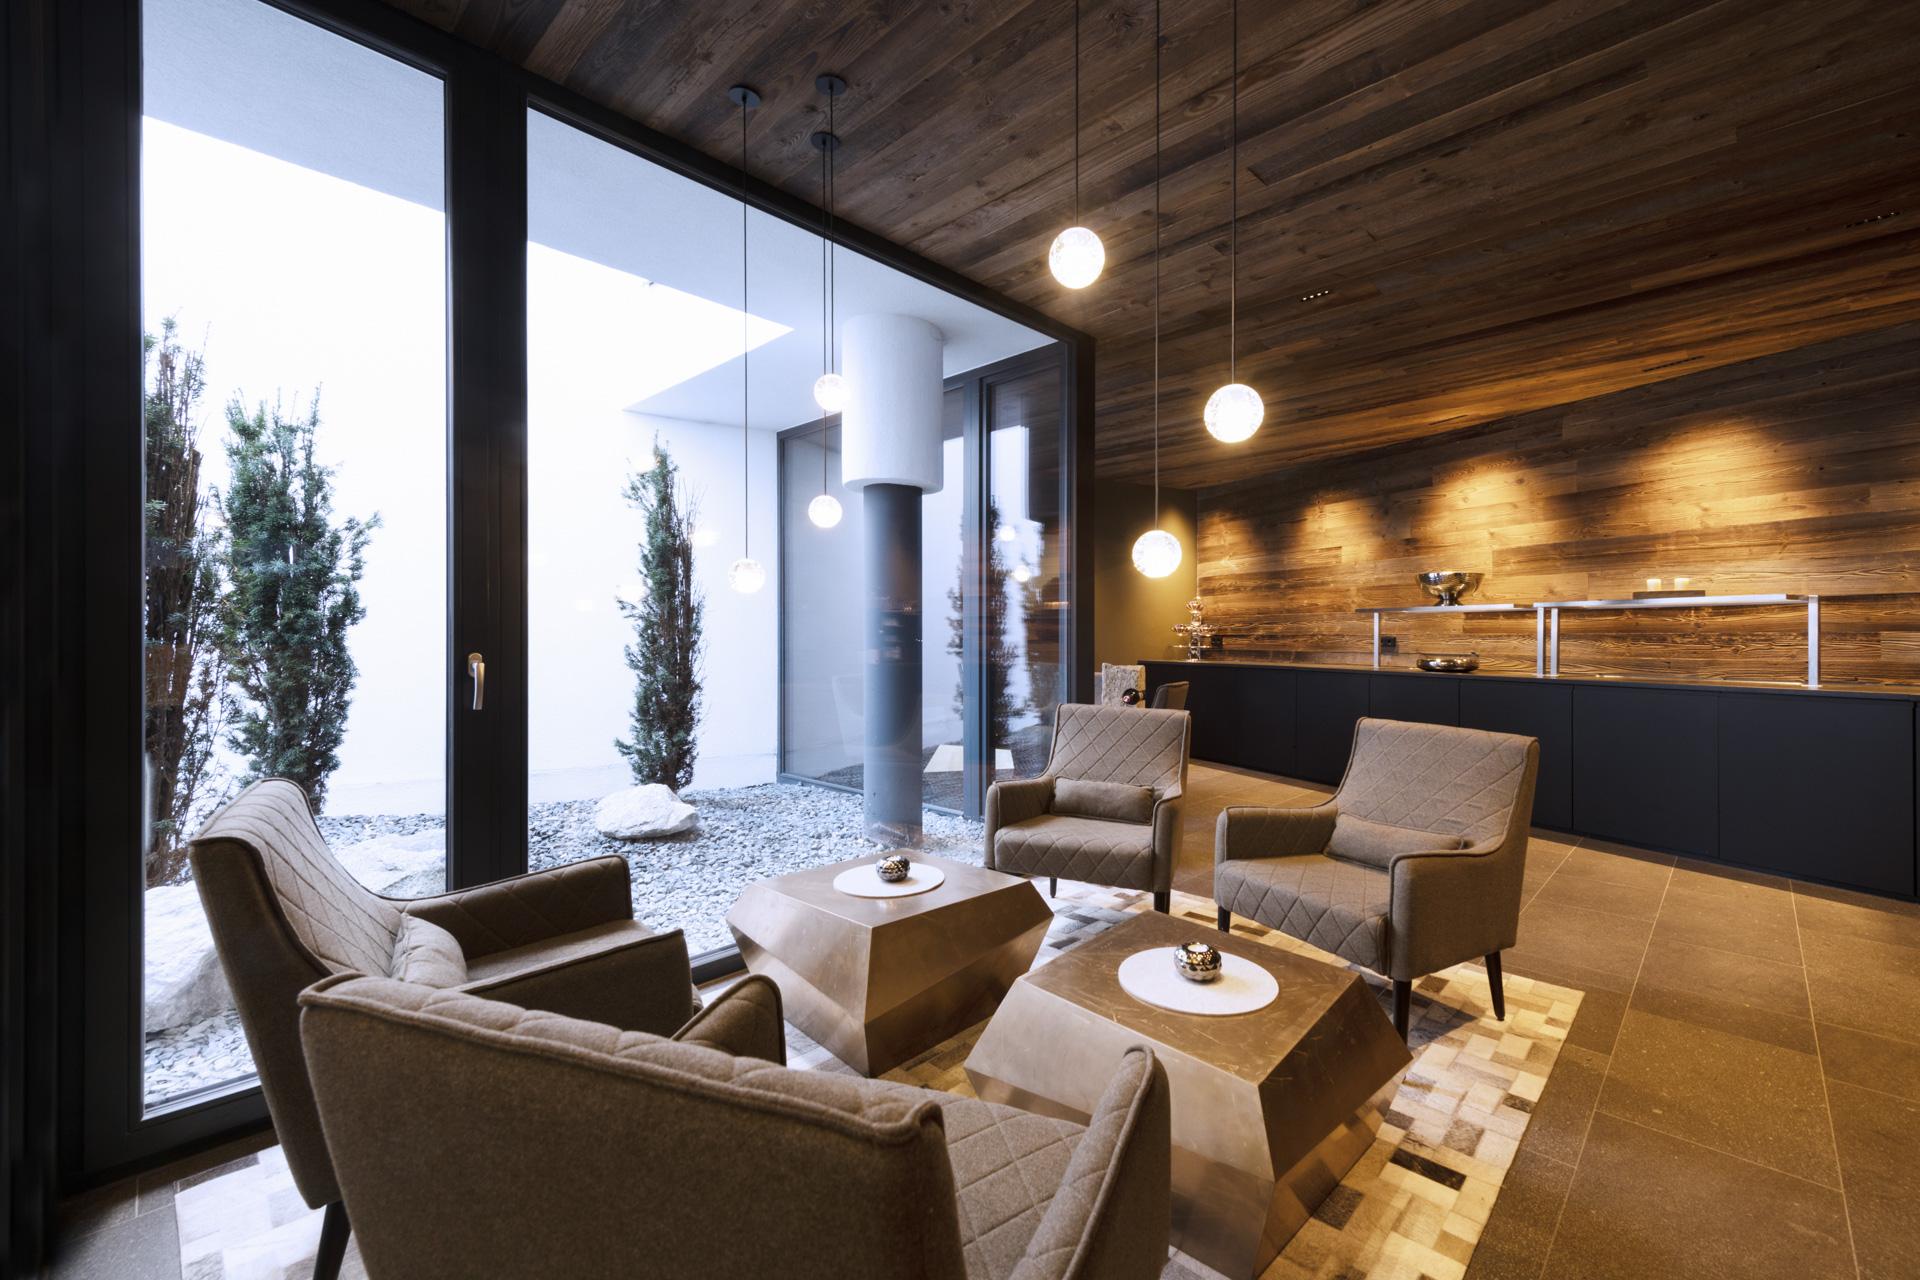 Tischlerei-Decker-Projekte-Mountain-Chalet-Kirchberg-gemuetliche-Lounge